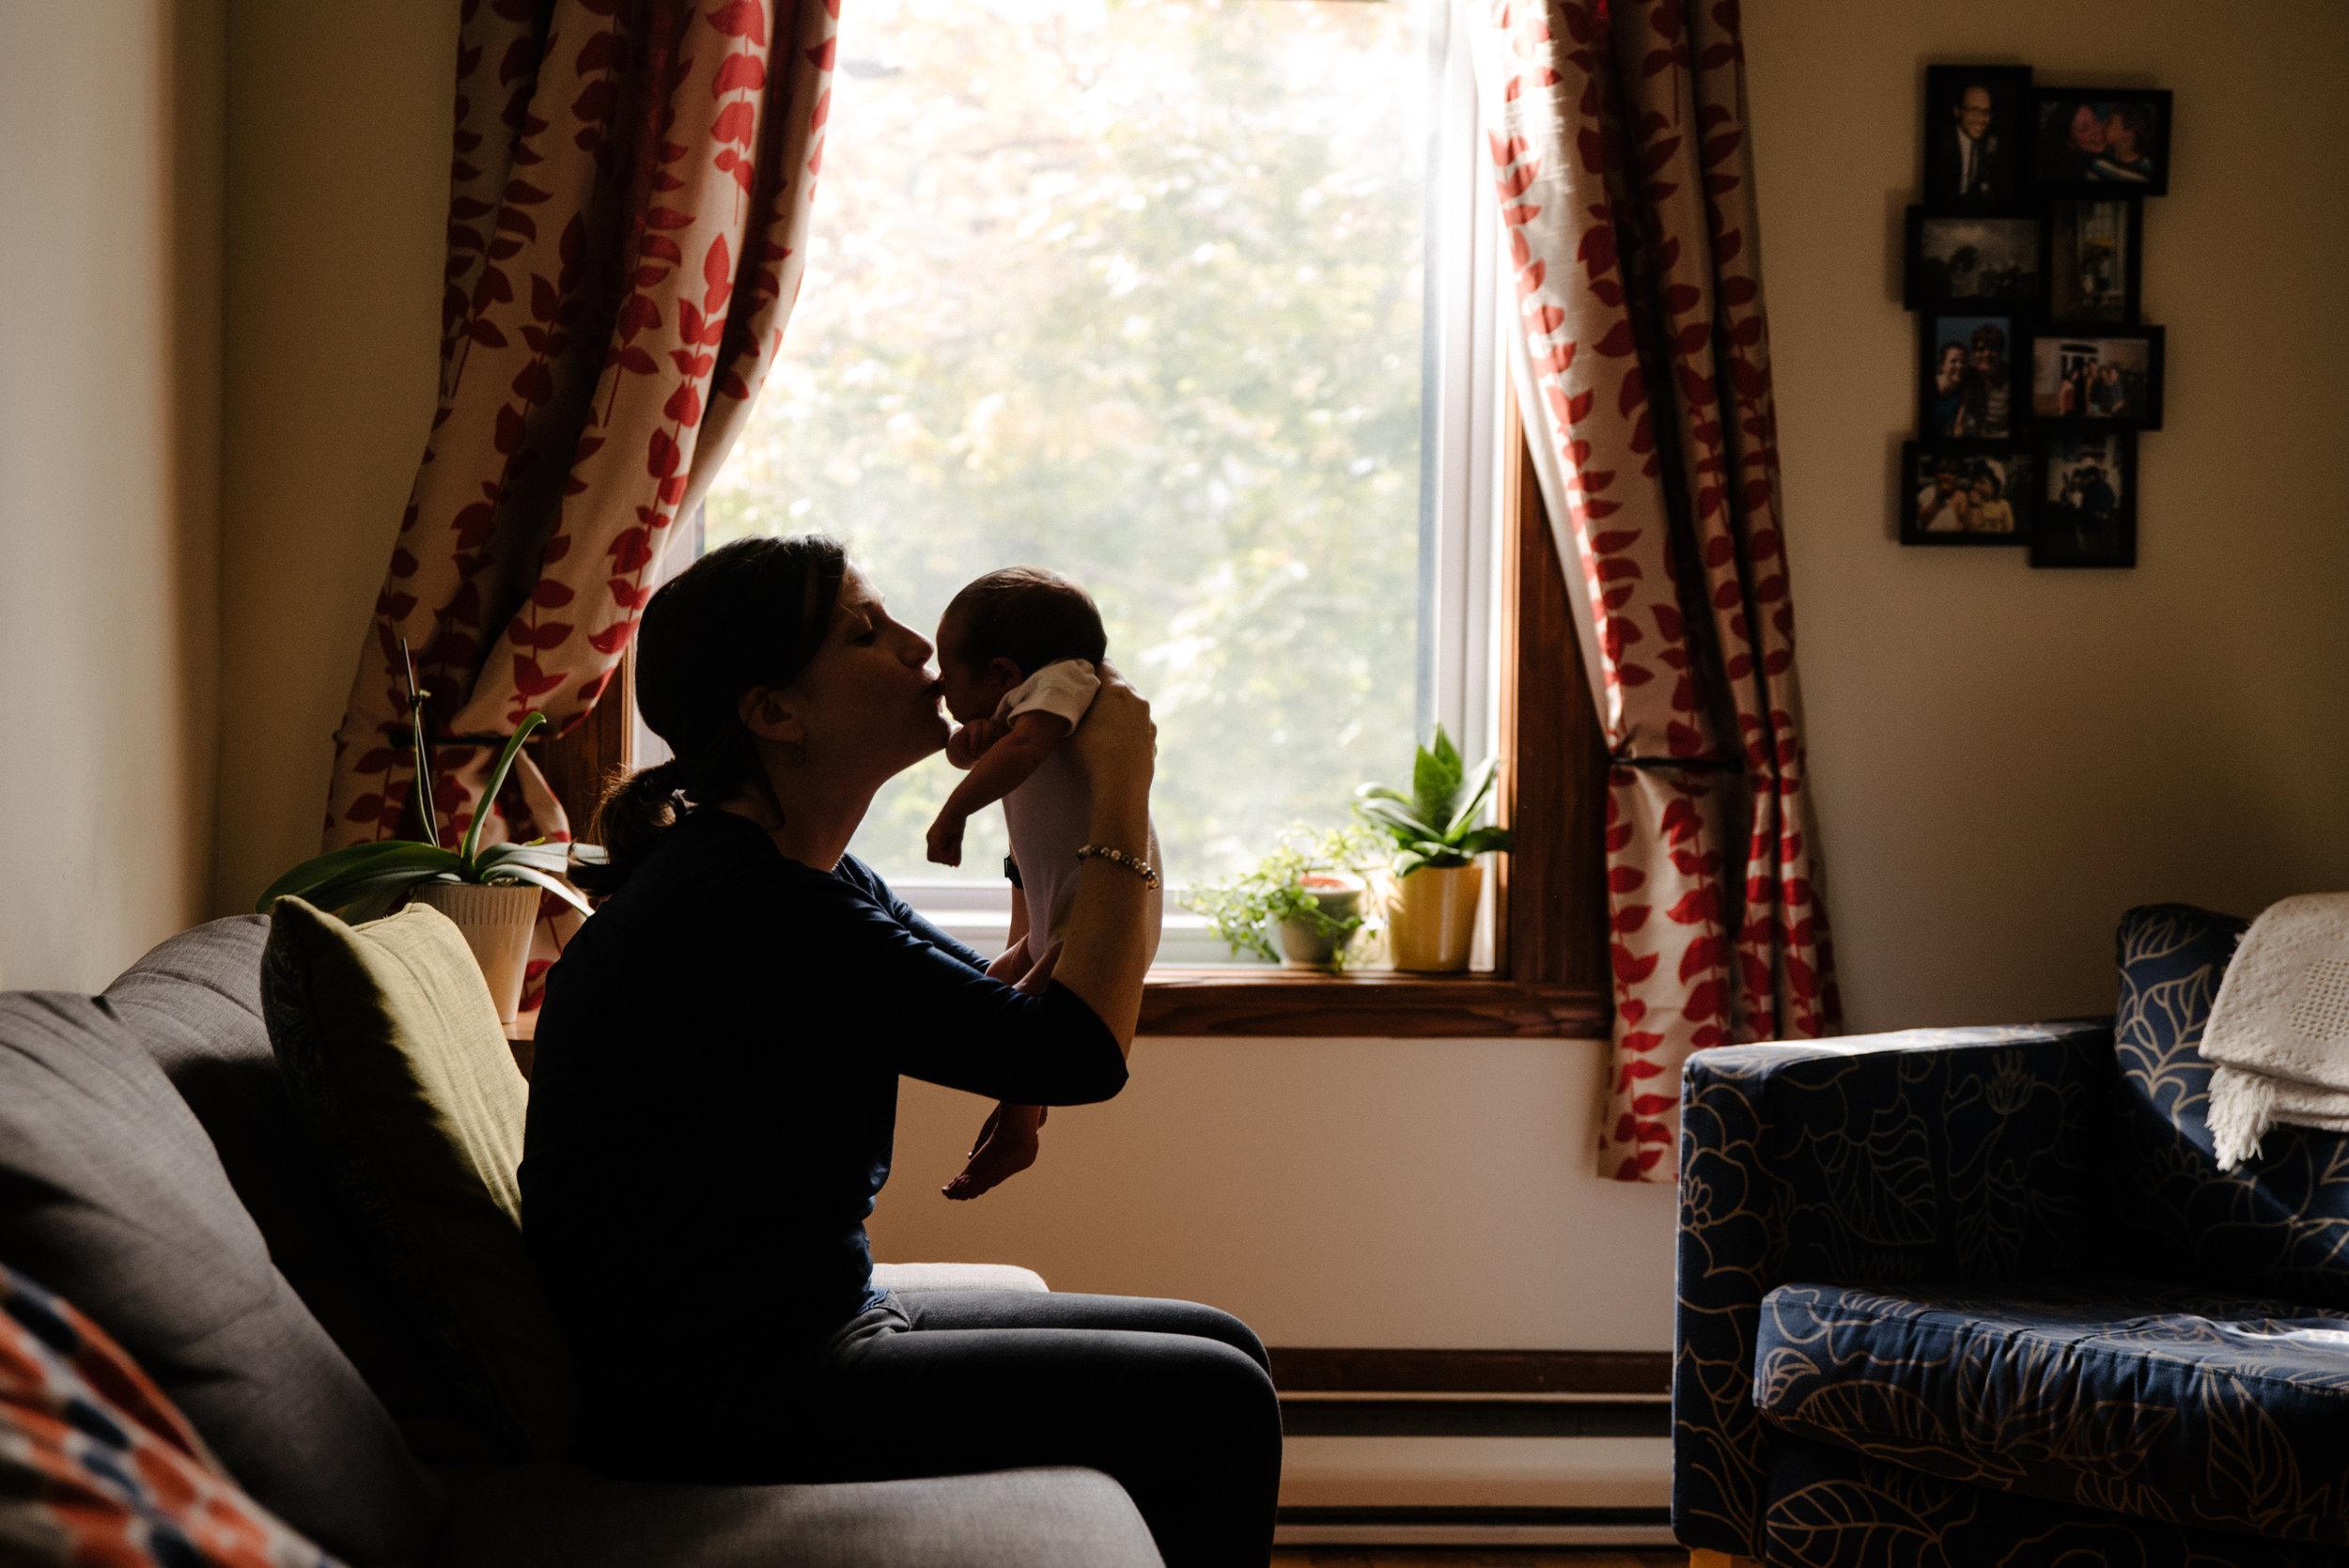 030-photo-d-une-maman-qui-souleve-et-embrasse-son-petit-bebe-sur-le-front-photographe-lifestyle-famille-et-nouveau-ne-a-montreal-marianne-charland-076.jpg